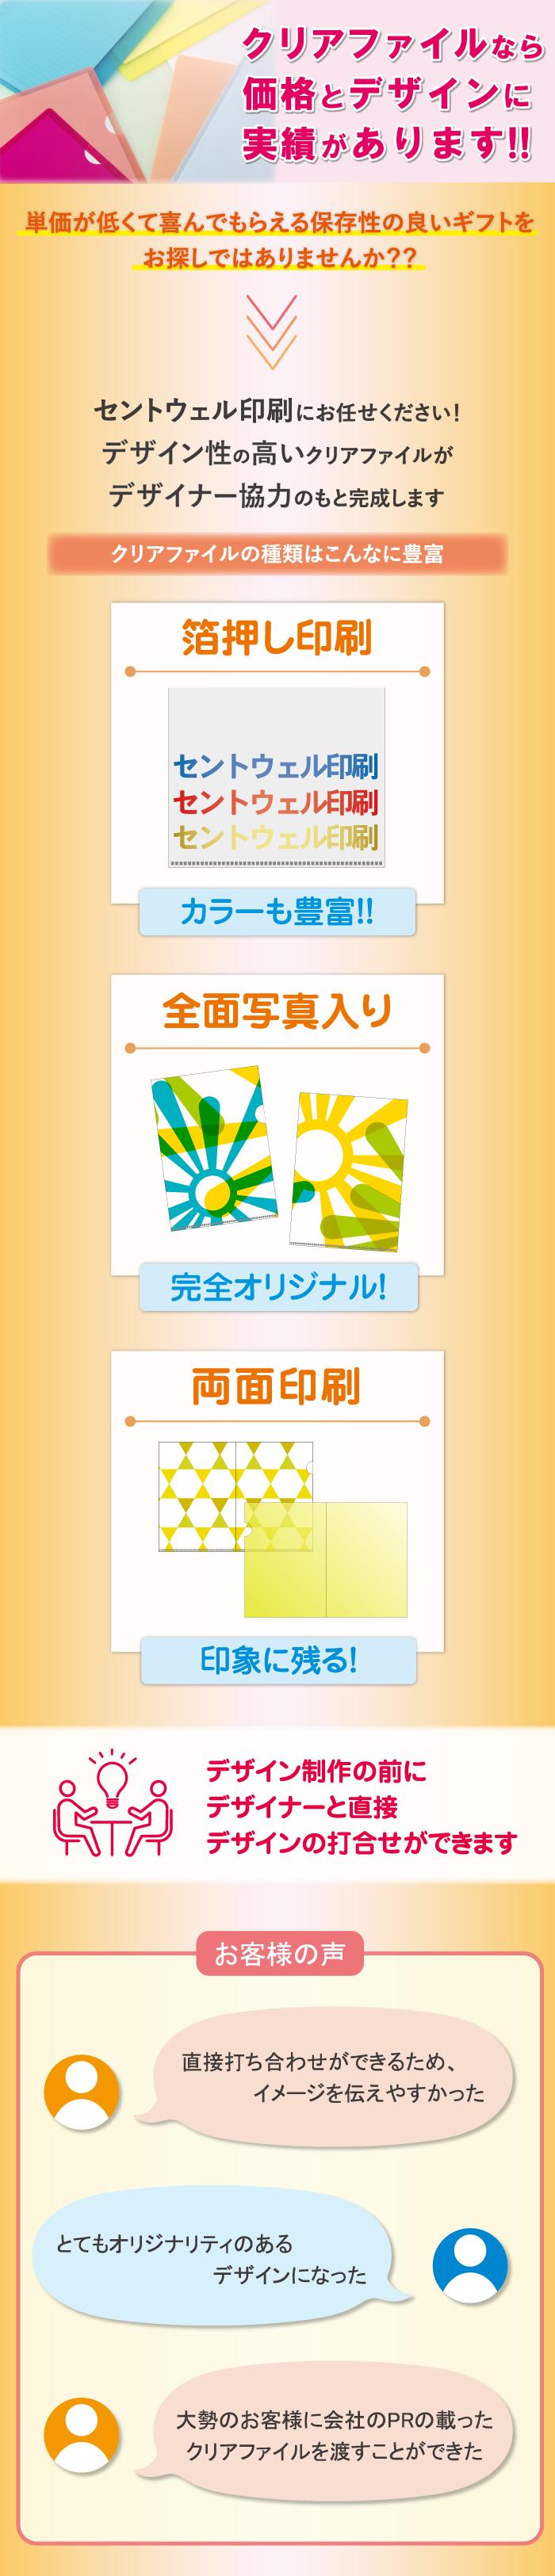 クリアファイルの印刷なら大阪 北区 梅田のセントウェル印刷株式会社